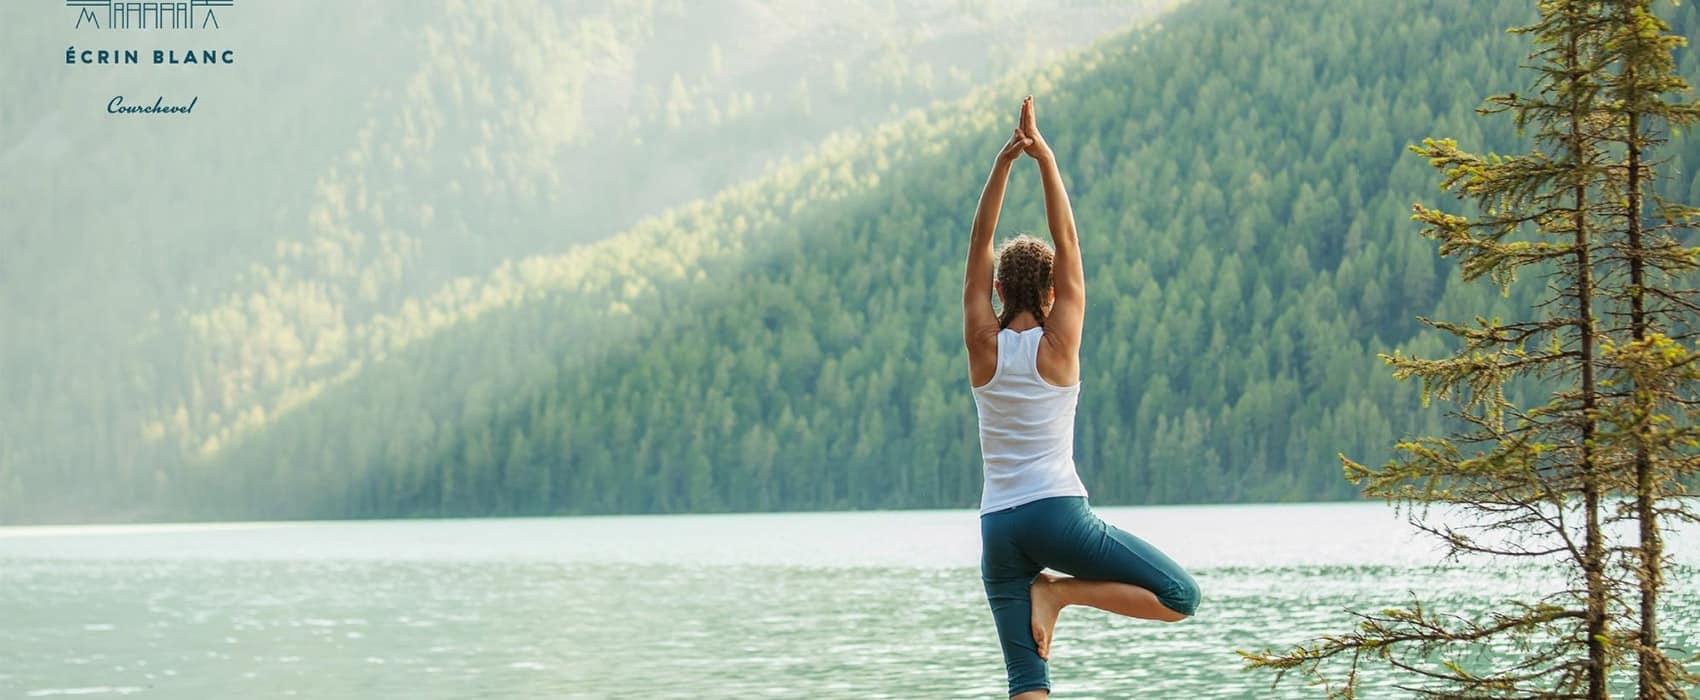 Pratiquer le Yoga à Ecrin Blanc Resort, Courchevel